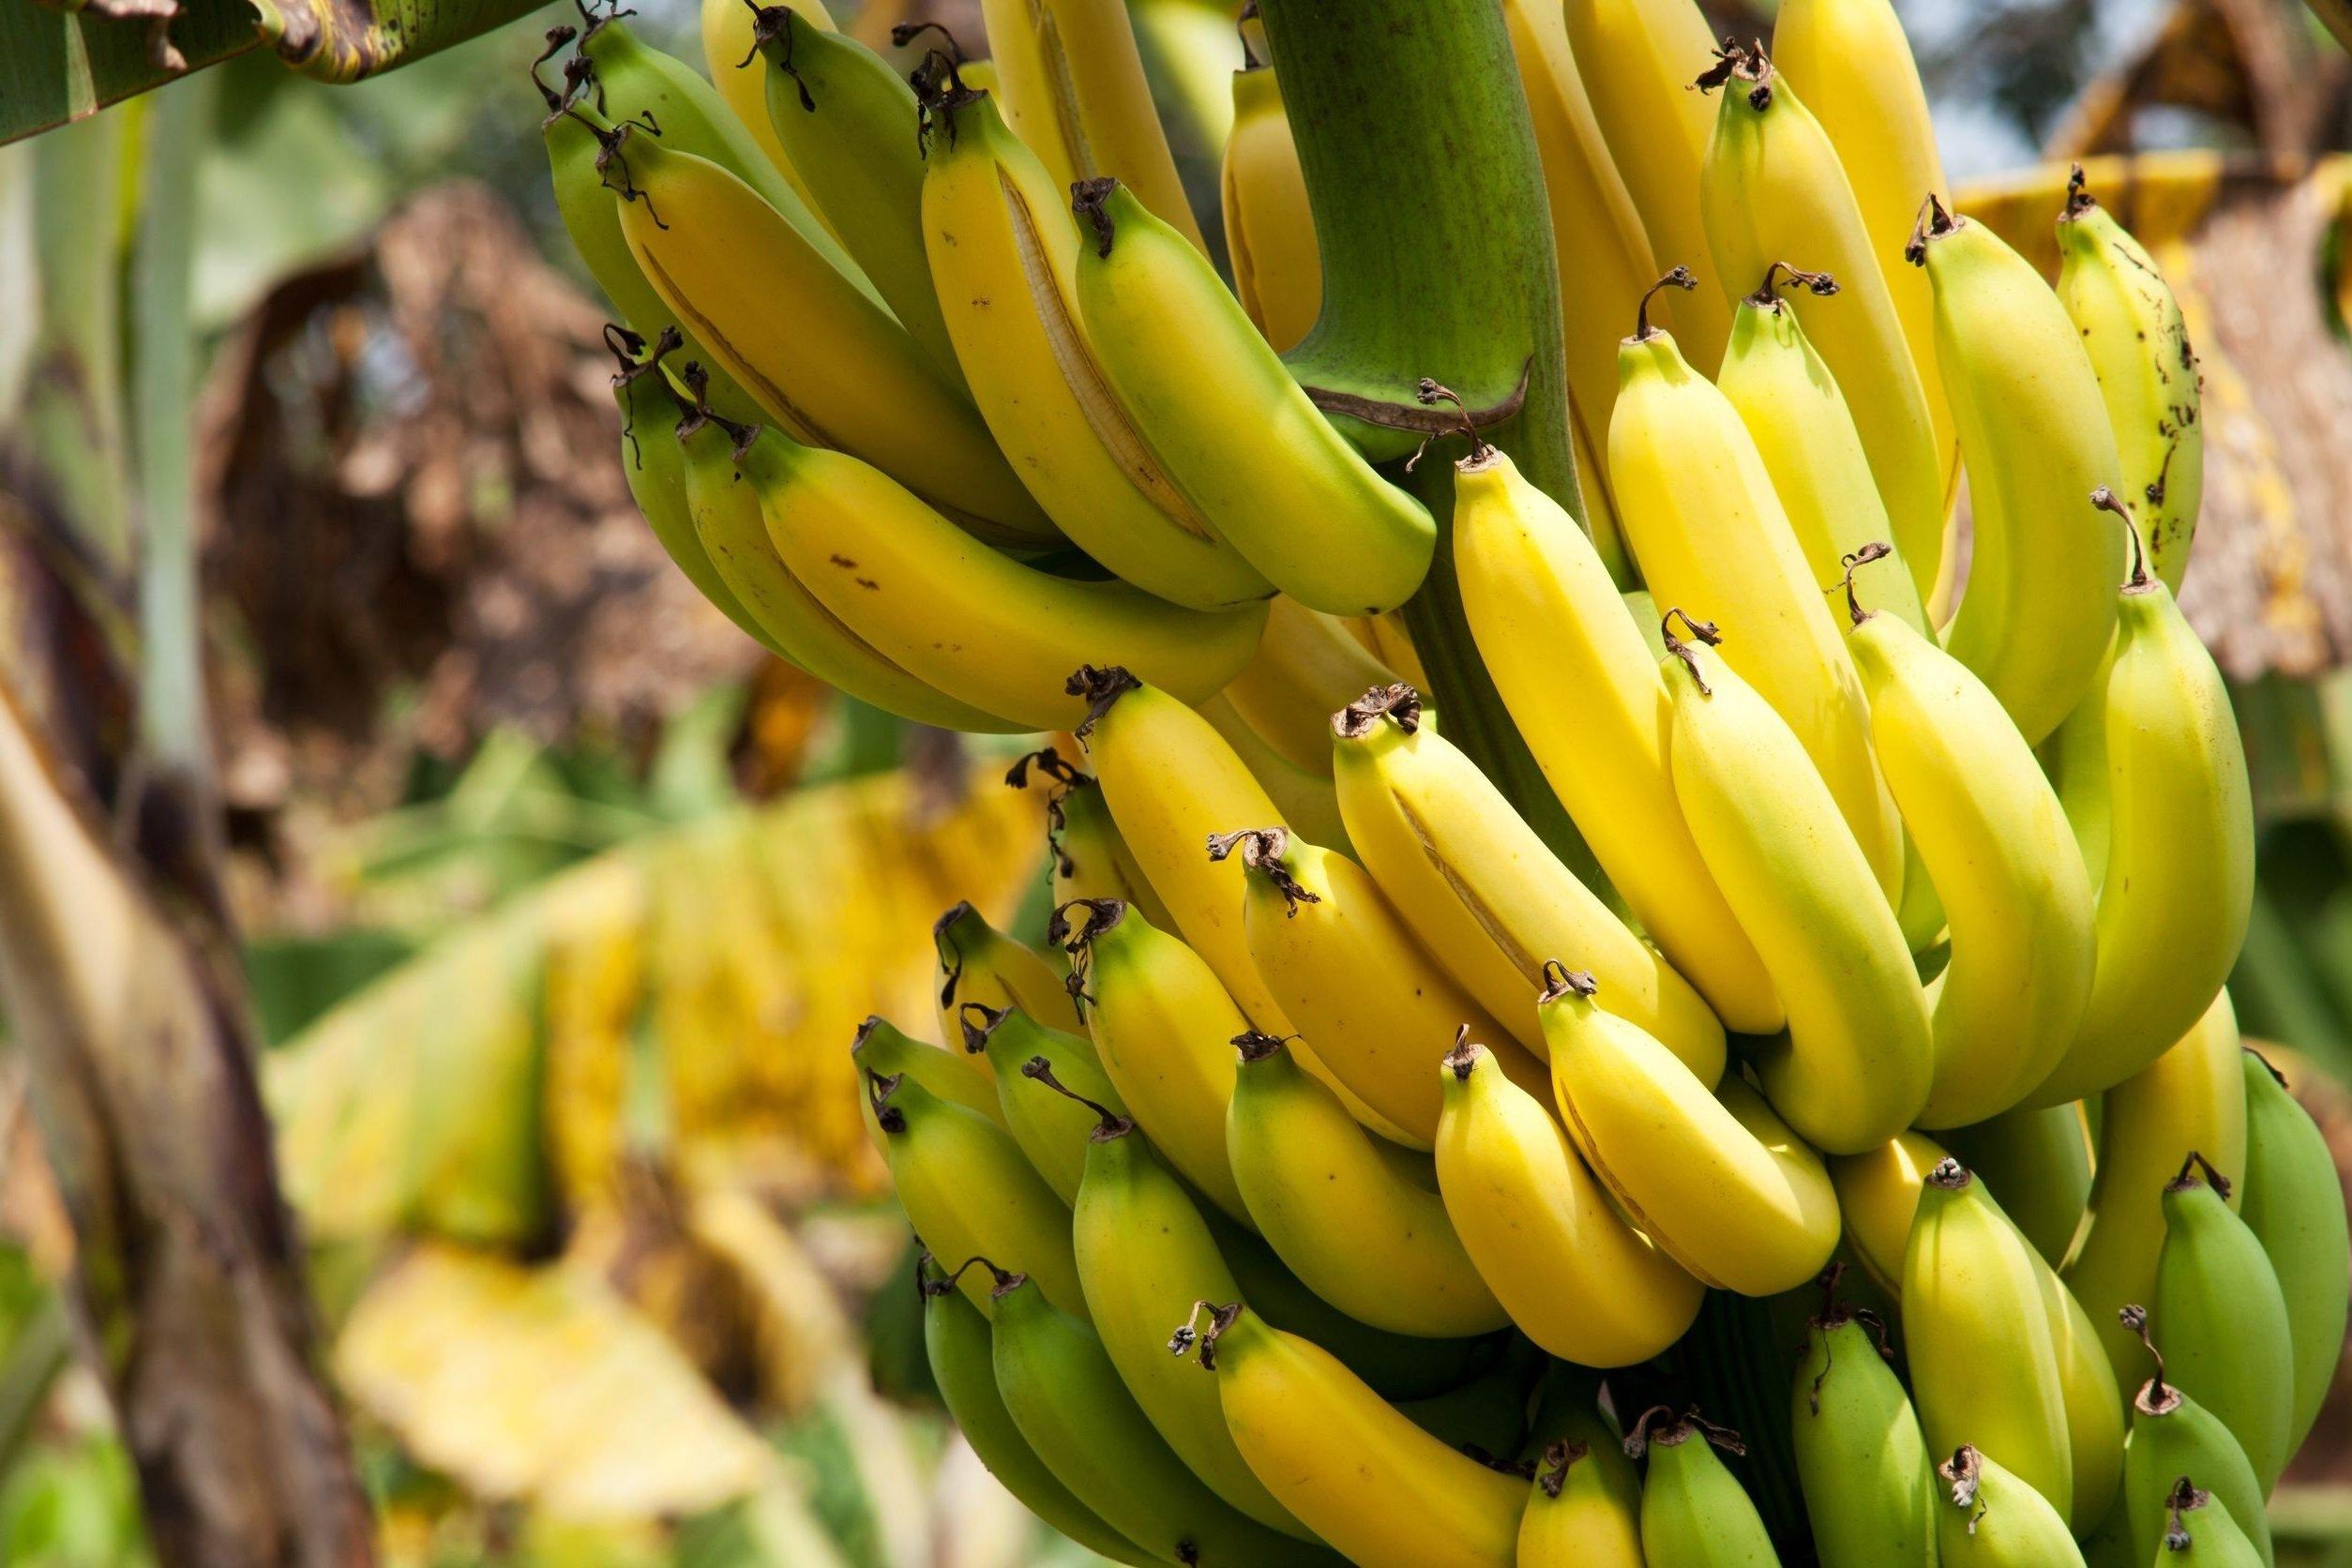 Banane - Fastfood unter den Früchten